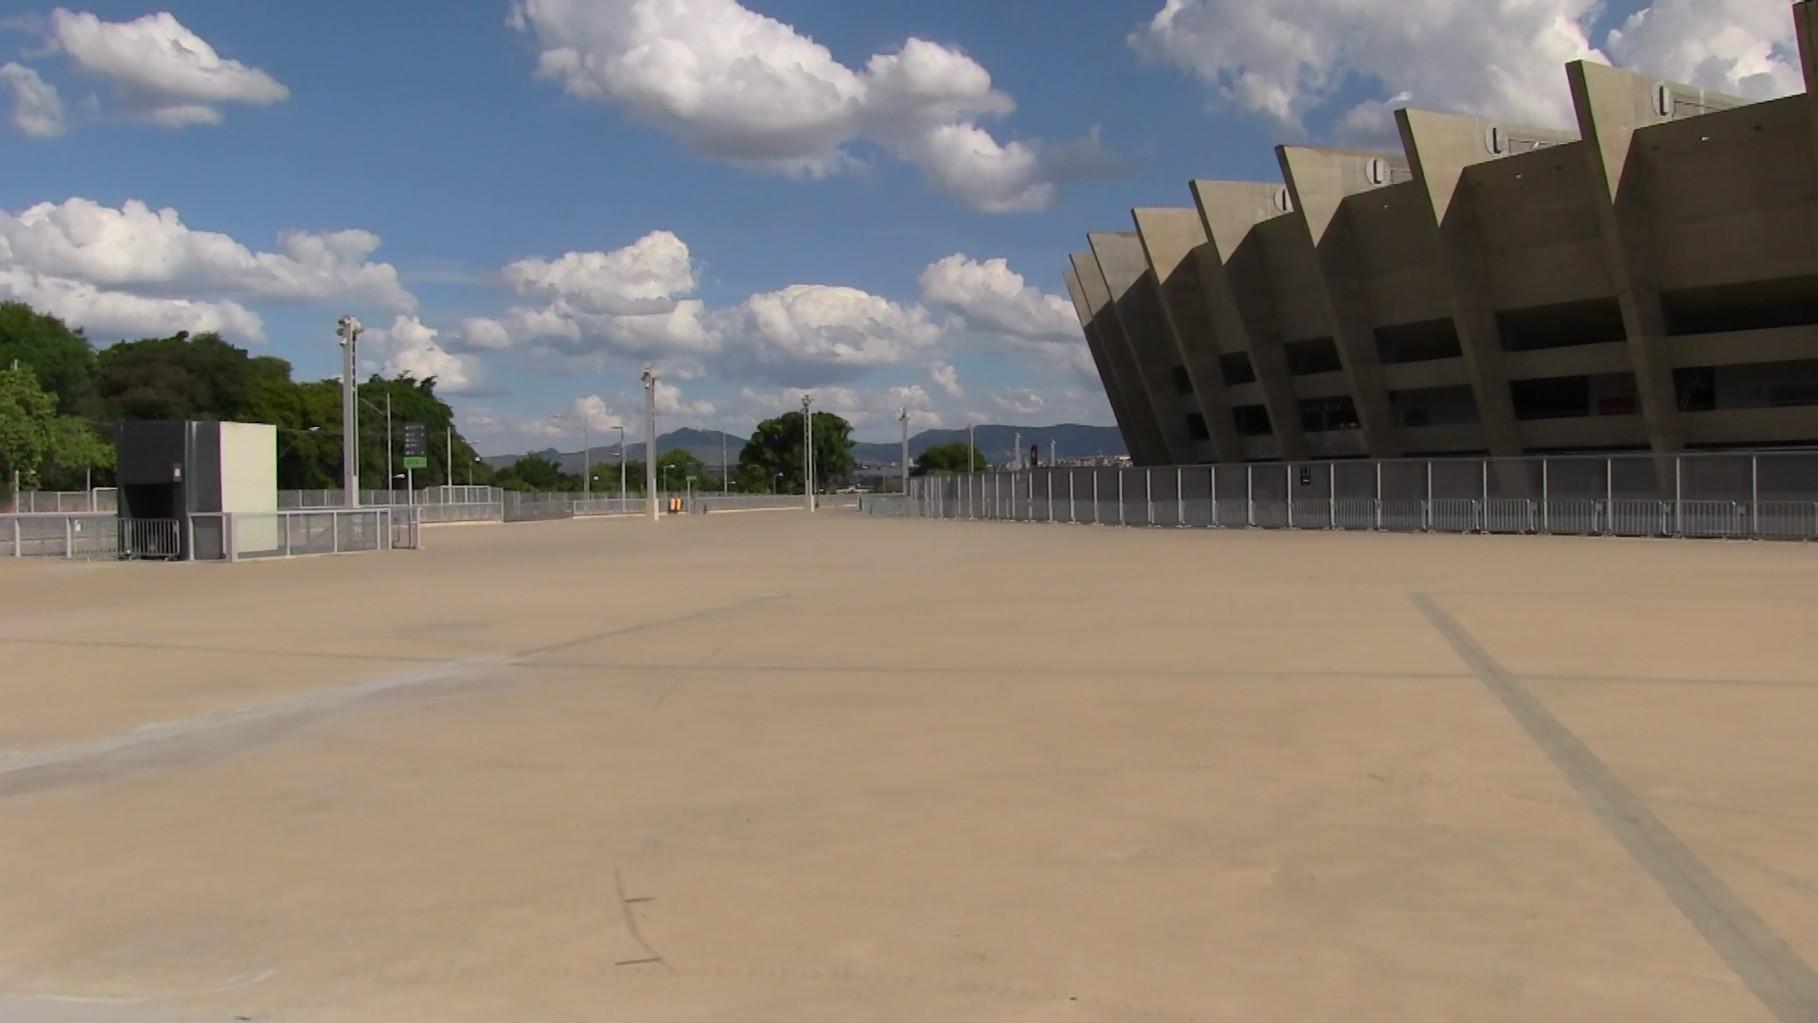 Stade Mineiro / Mineirao Stadium